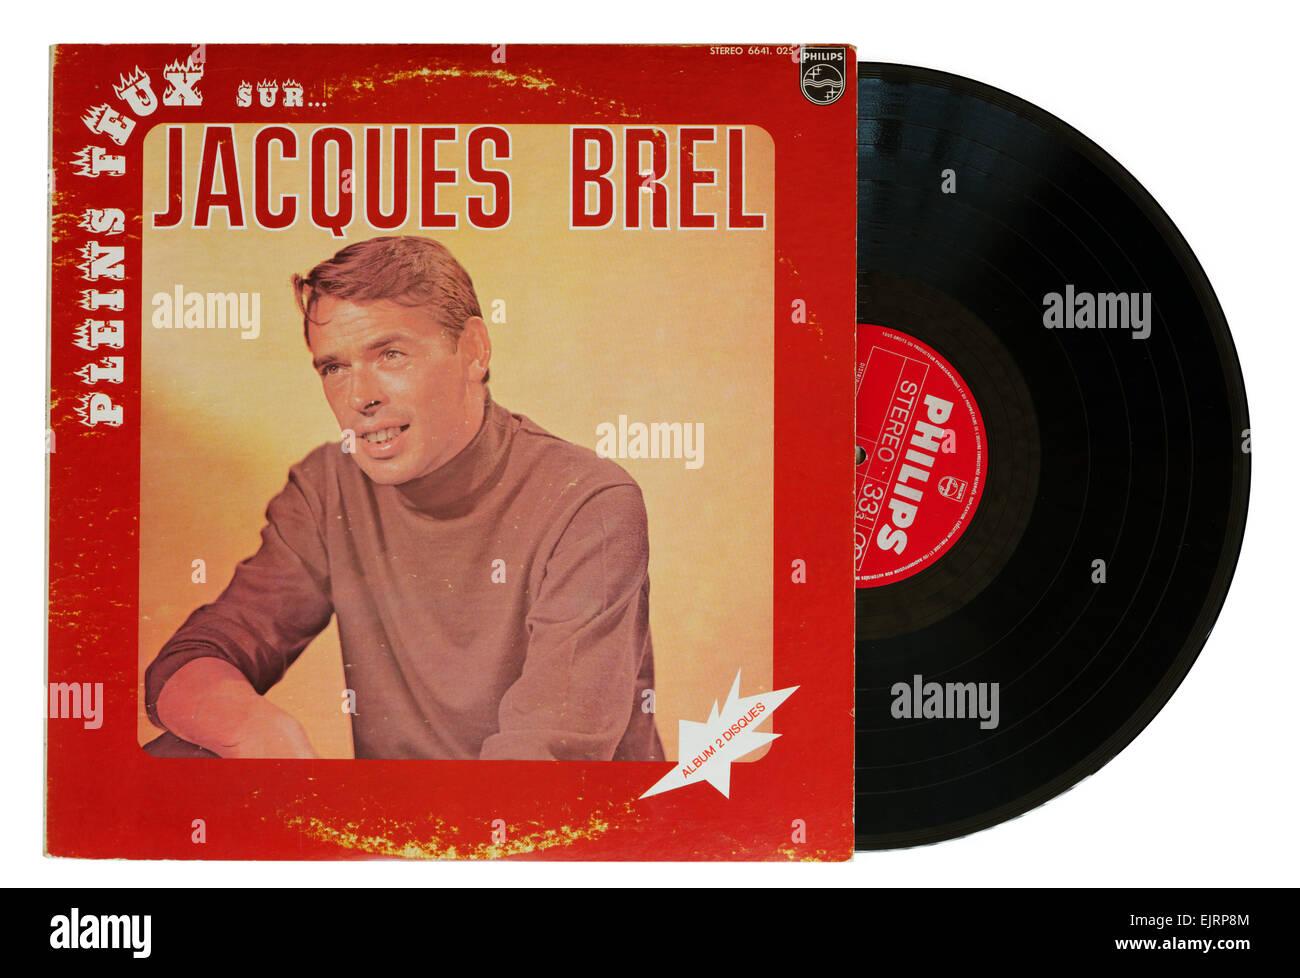 Jacques Brel vinyl album - Stock Image